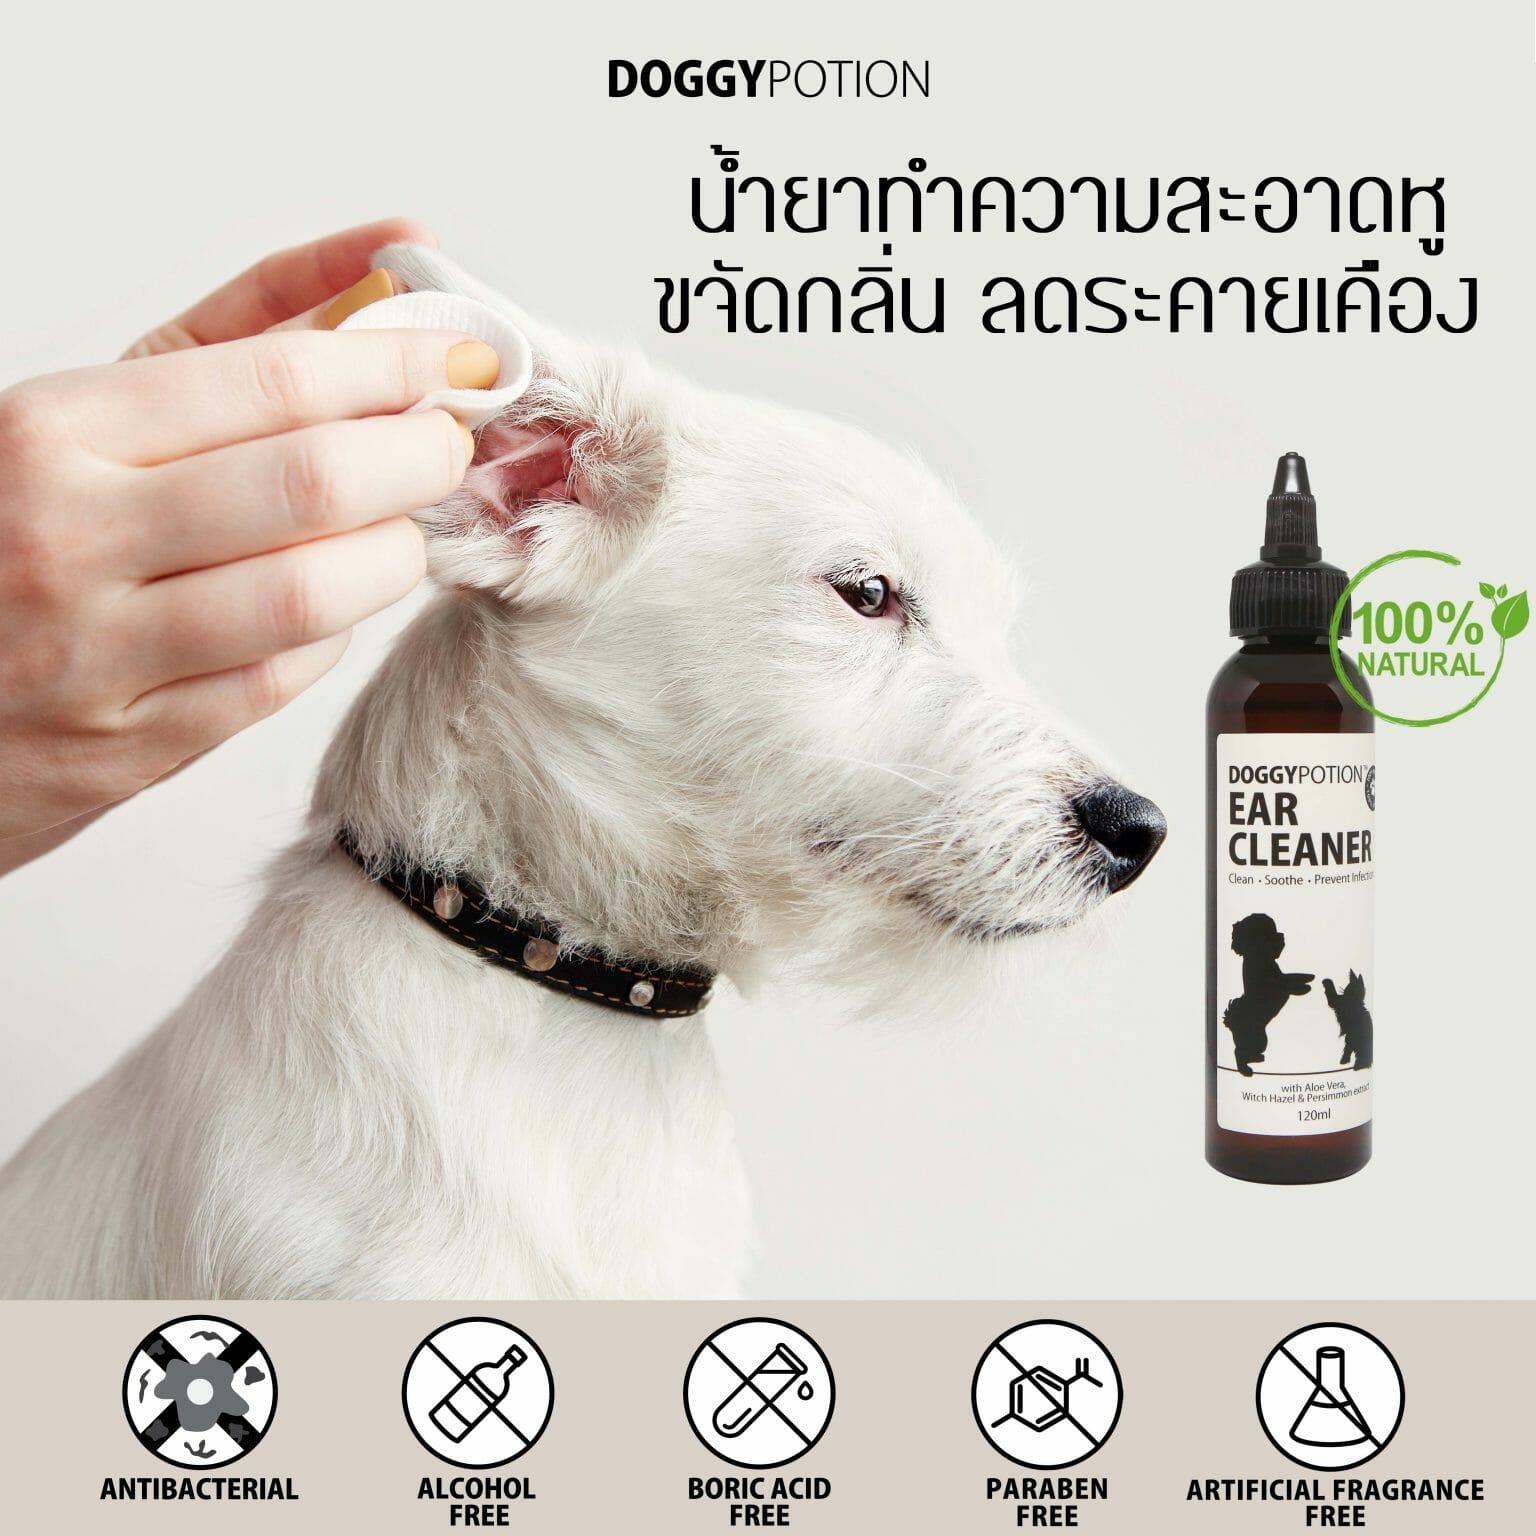 DogJackRussellTerrierHavingEarExaminationAtVeterinaryClinic  